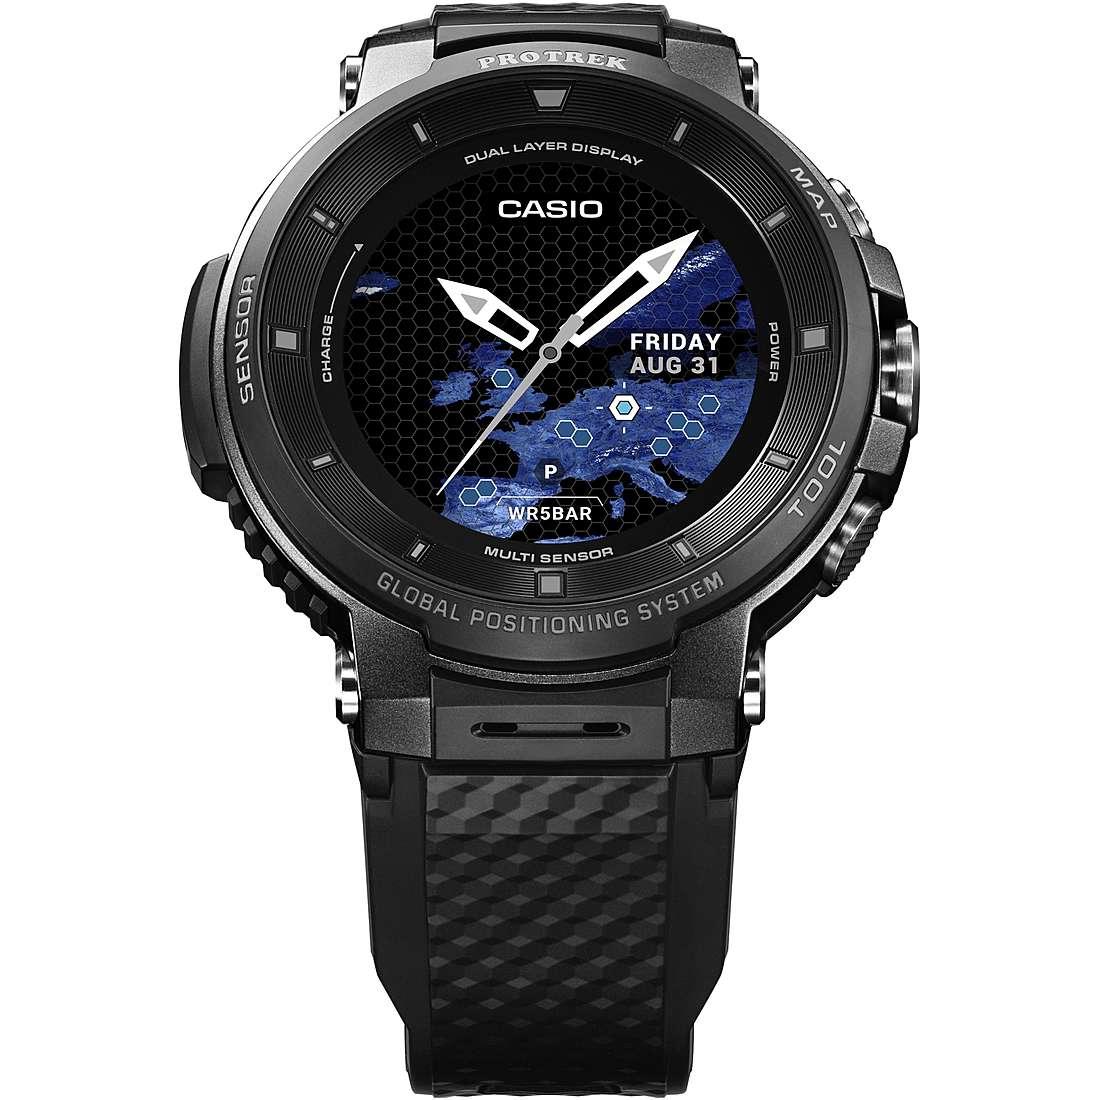 nuovo stile 67e89 3818a Orologio Smartwatch Uomo Casio PRO-TREK WSD-F30-BKAAE